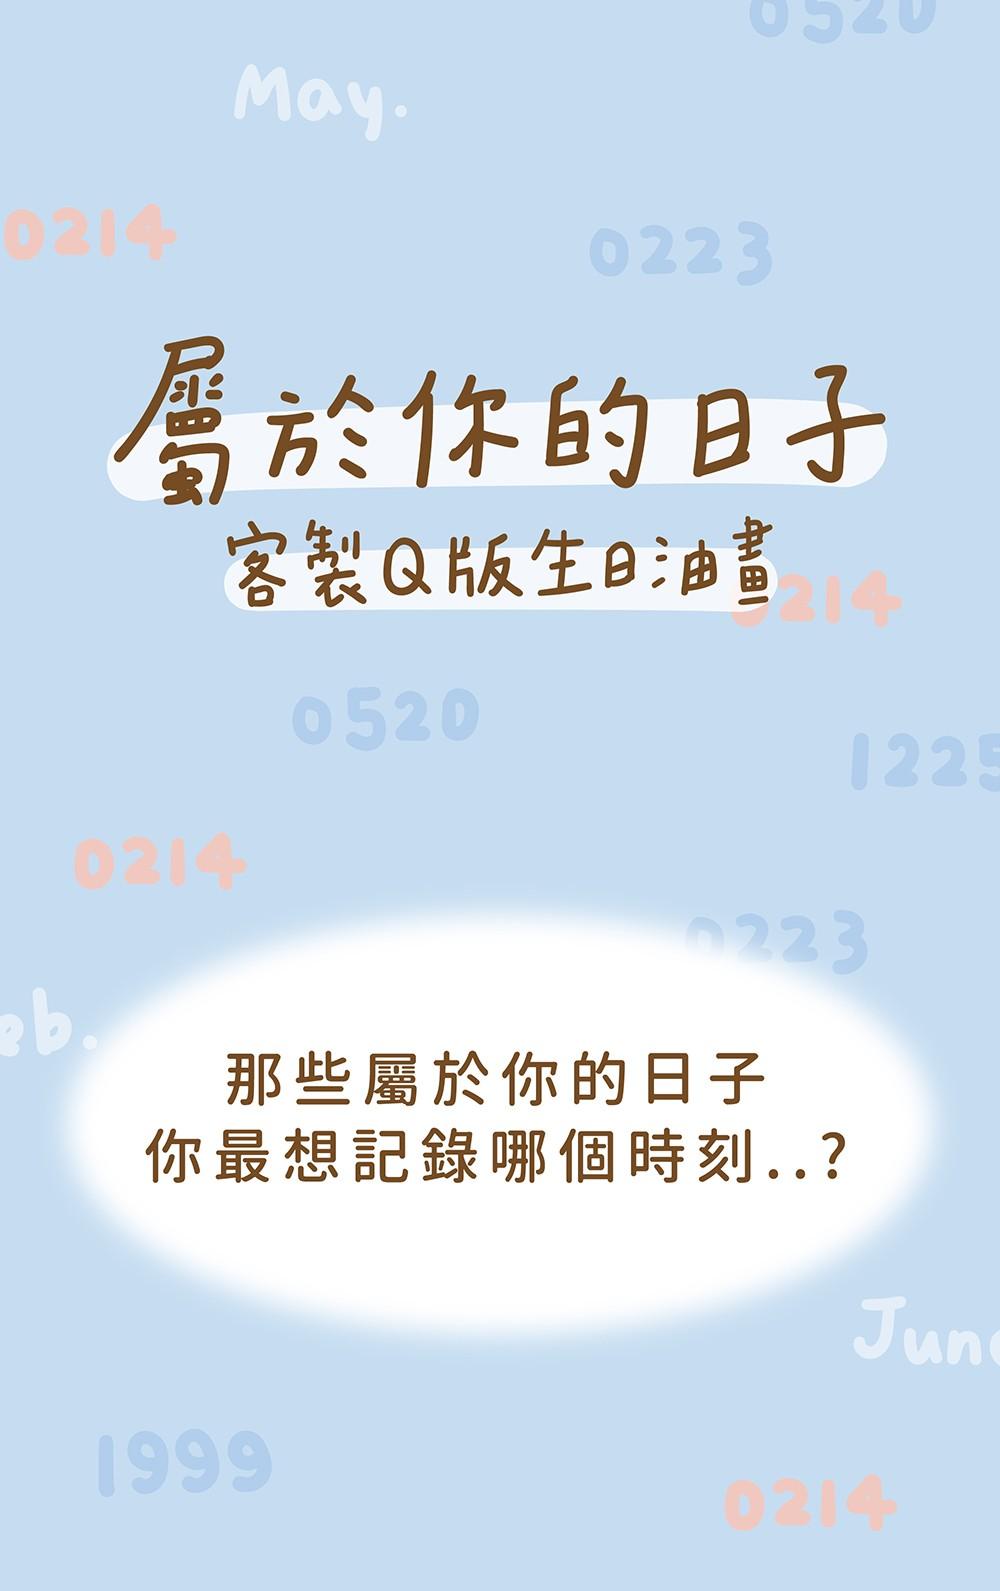 96f8fd4a28b508630f78183d8a6dbb31.jpg